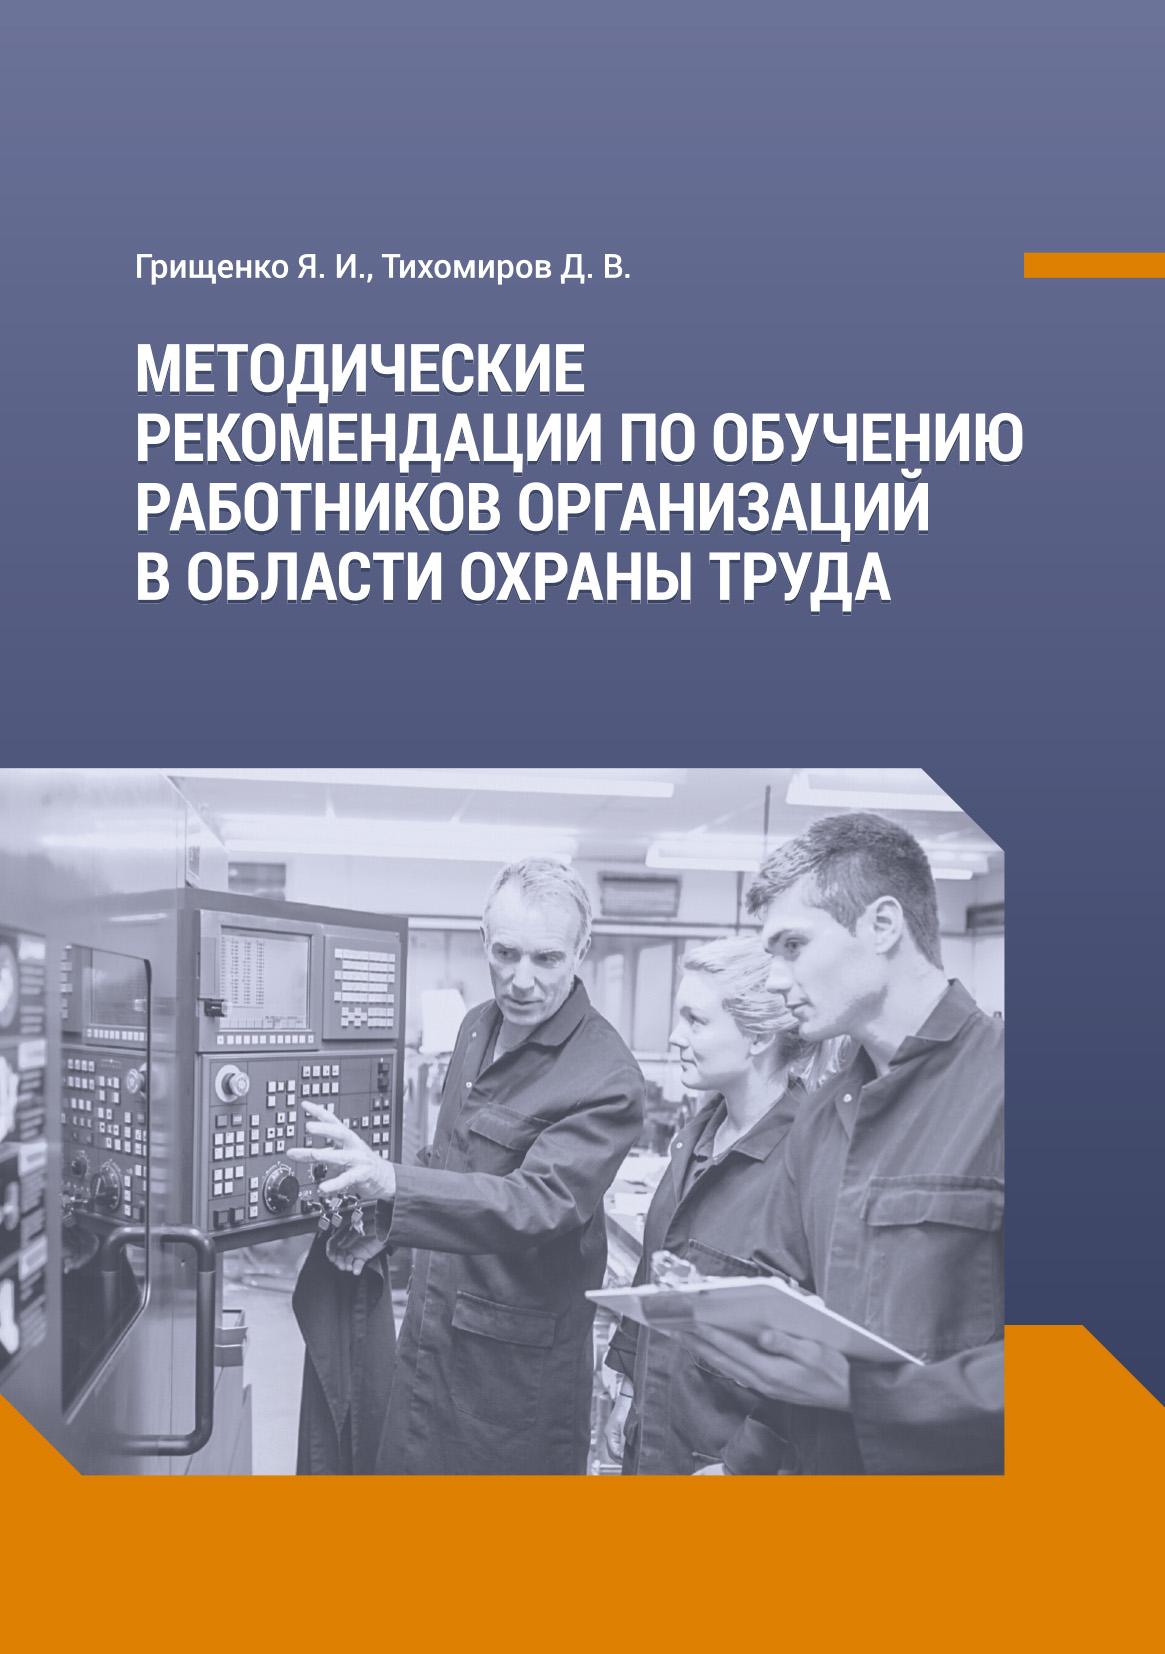 Методические рекомендации по обучению работников организаций в области охраны труда